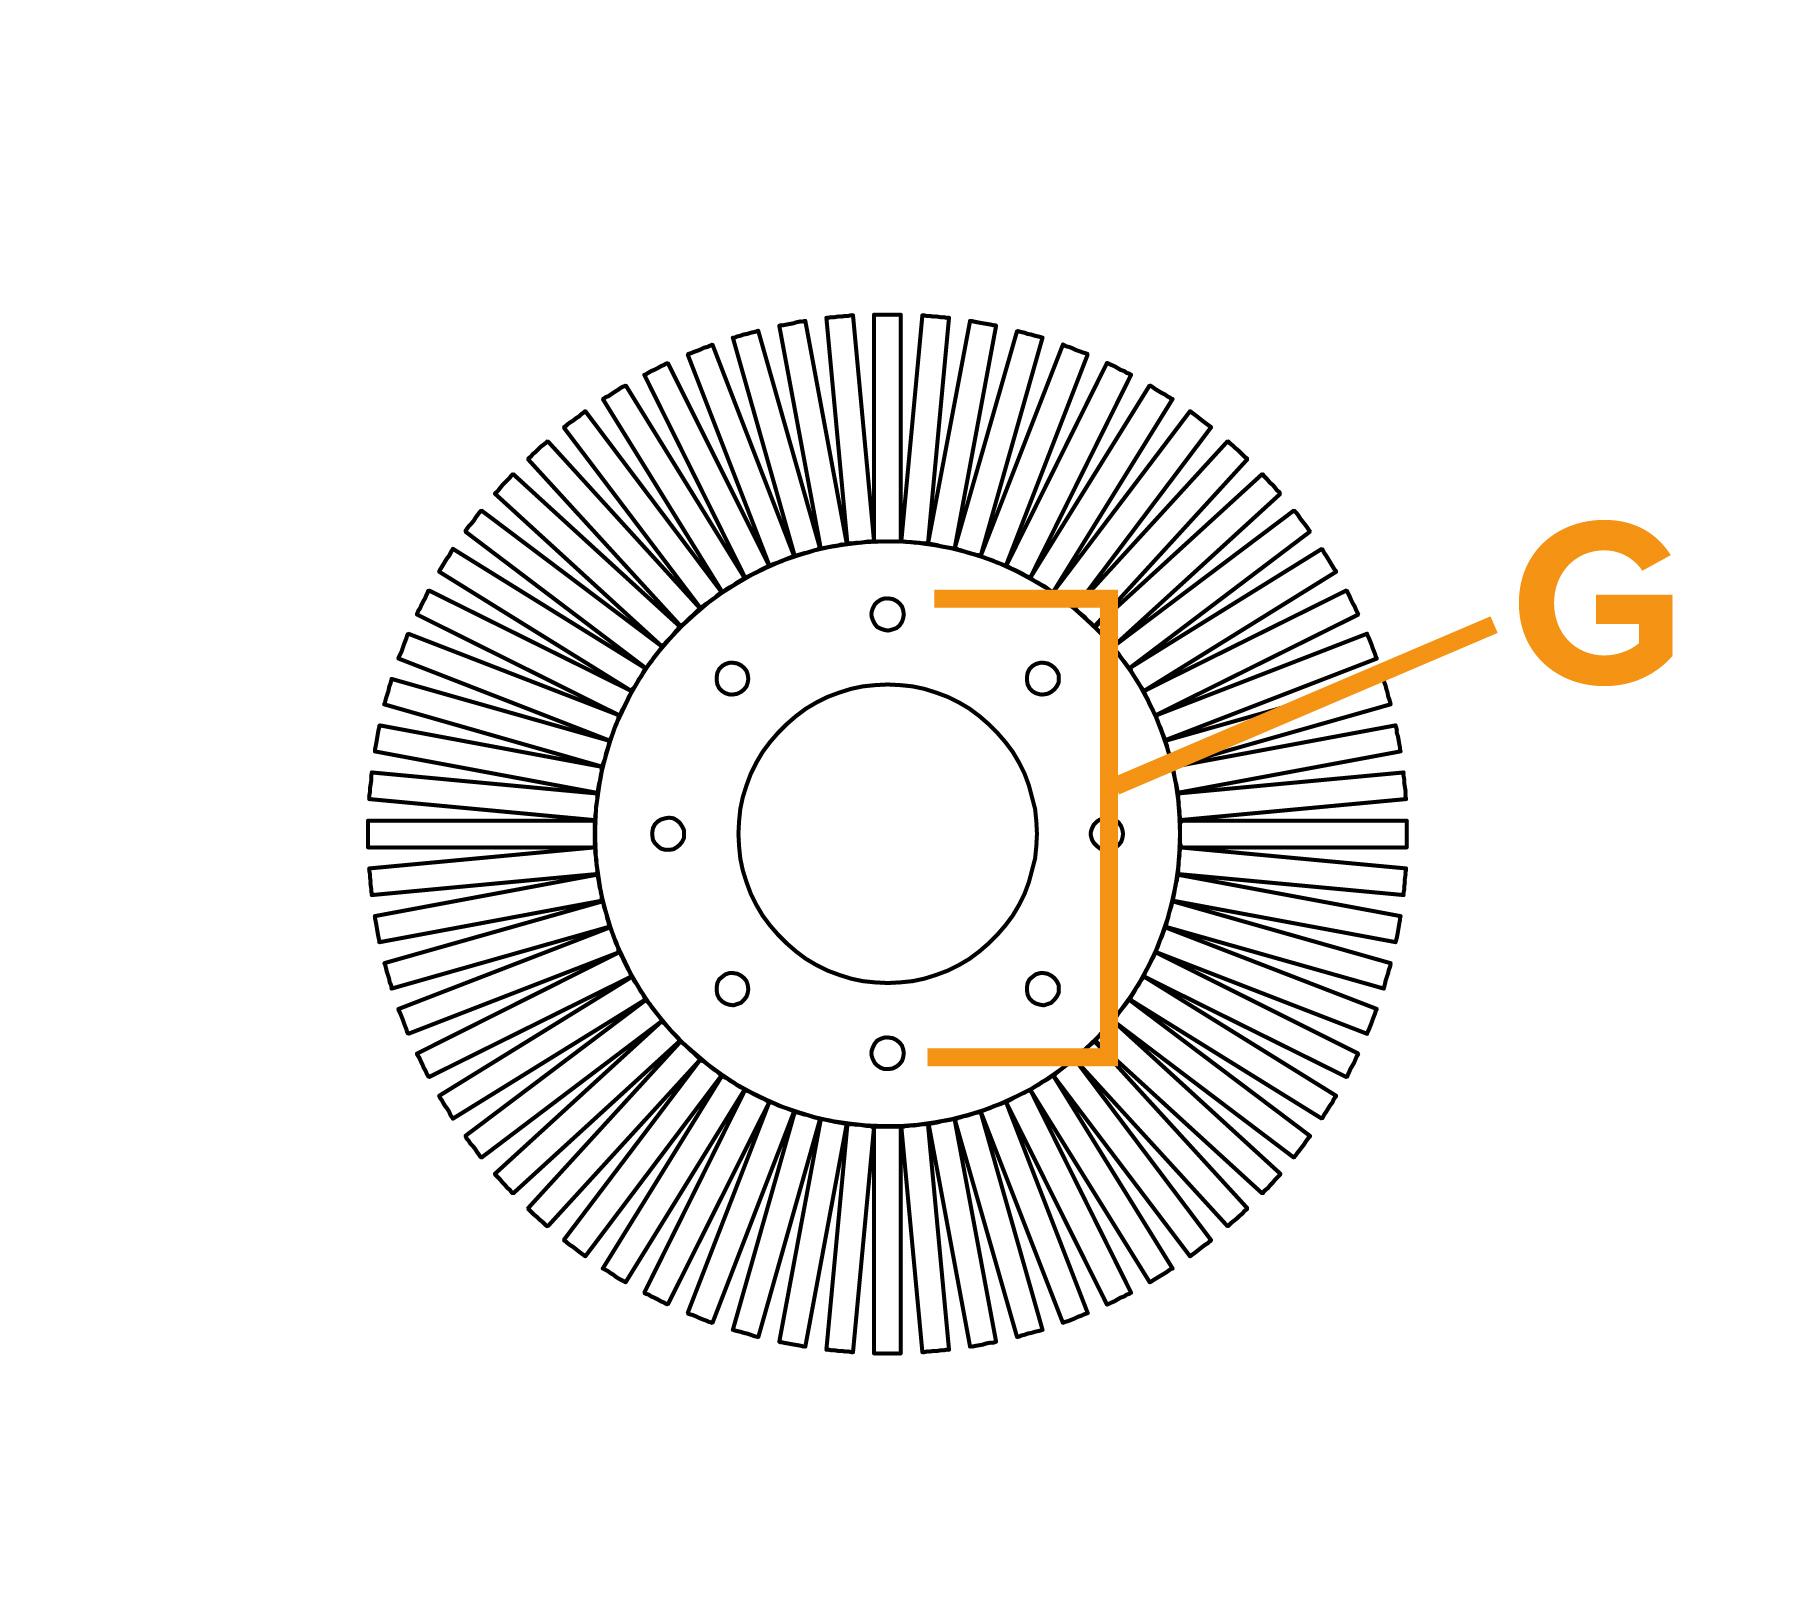 Potloodborstel met vaste kern - diagram G